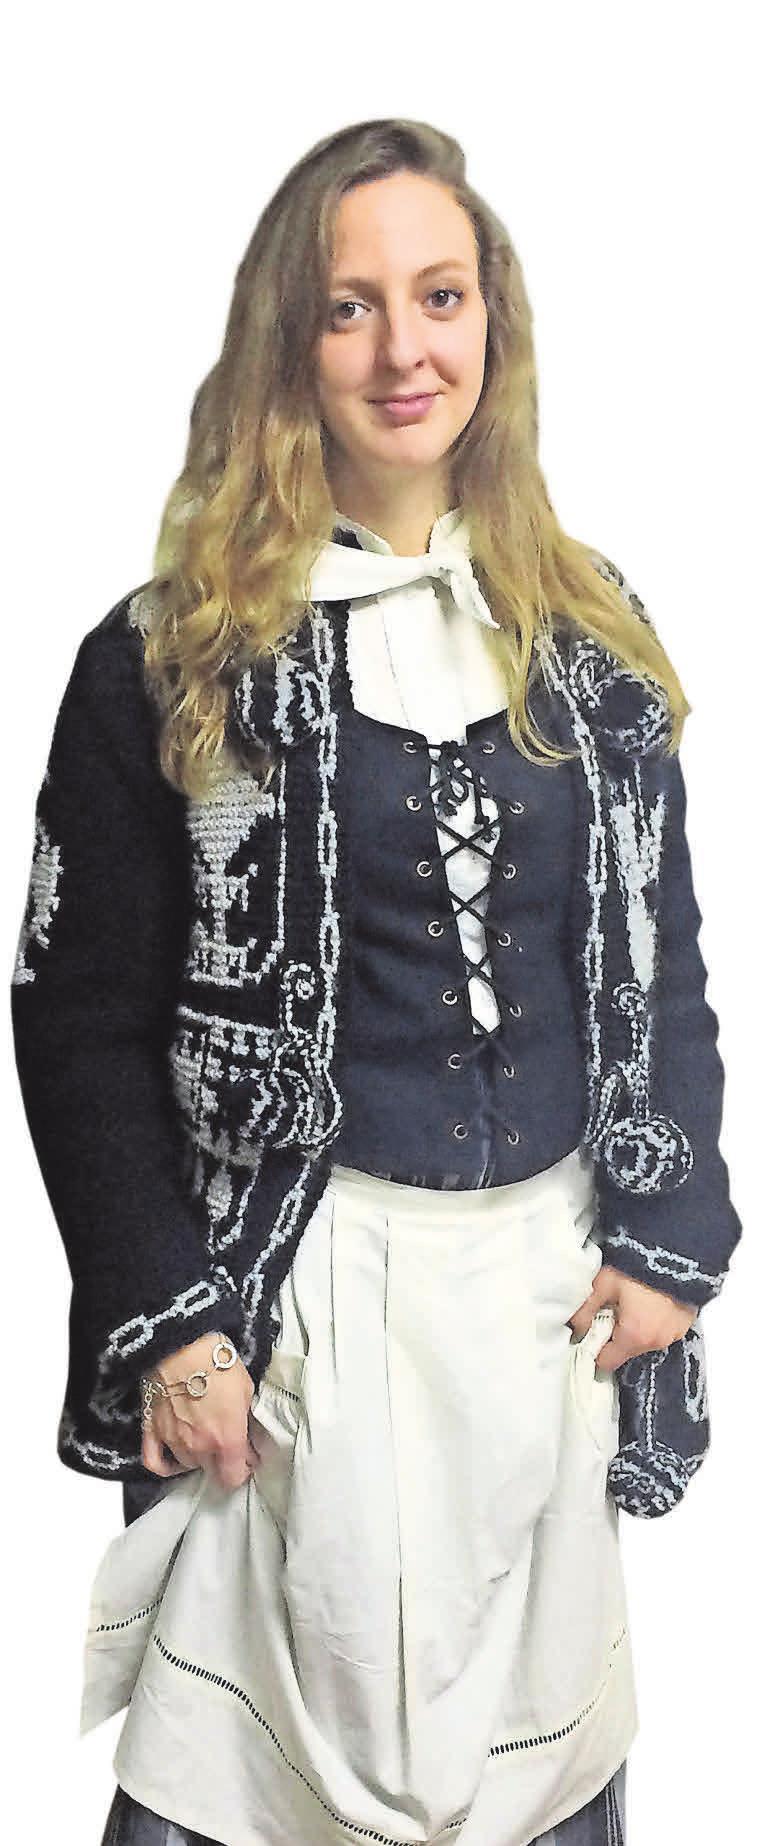 """Heiligabend kleiden sich viele Basken in traditionellen Gewändern. """"Eigentlich gehört bei den Frauen noch ein Kopftuch dazu, aber das mache ich nicht"""", sagt Nerea Lakuntza. Und die Männer? Die tragen natürlich eine Baskenmütze."""